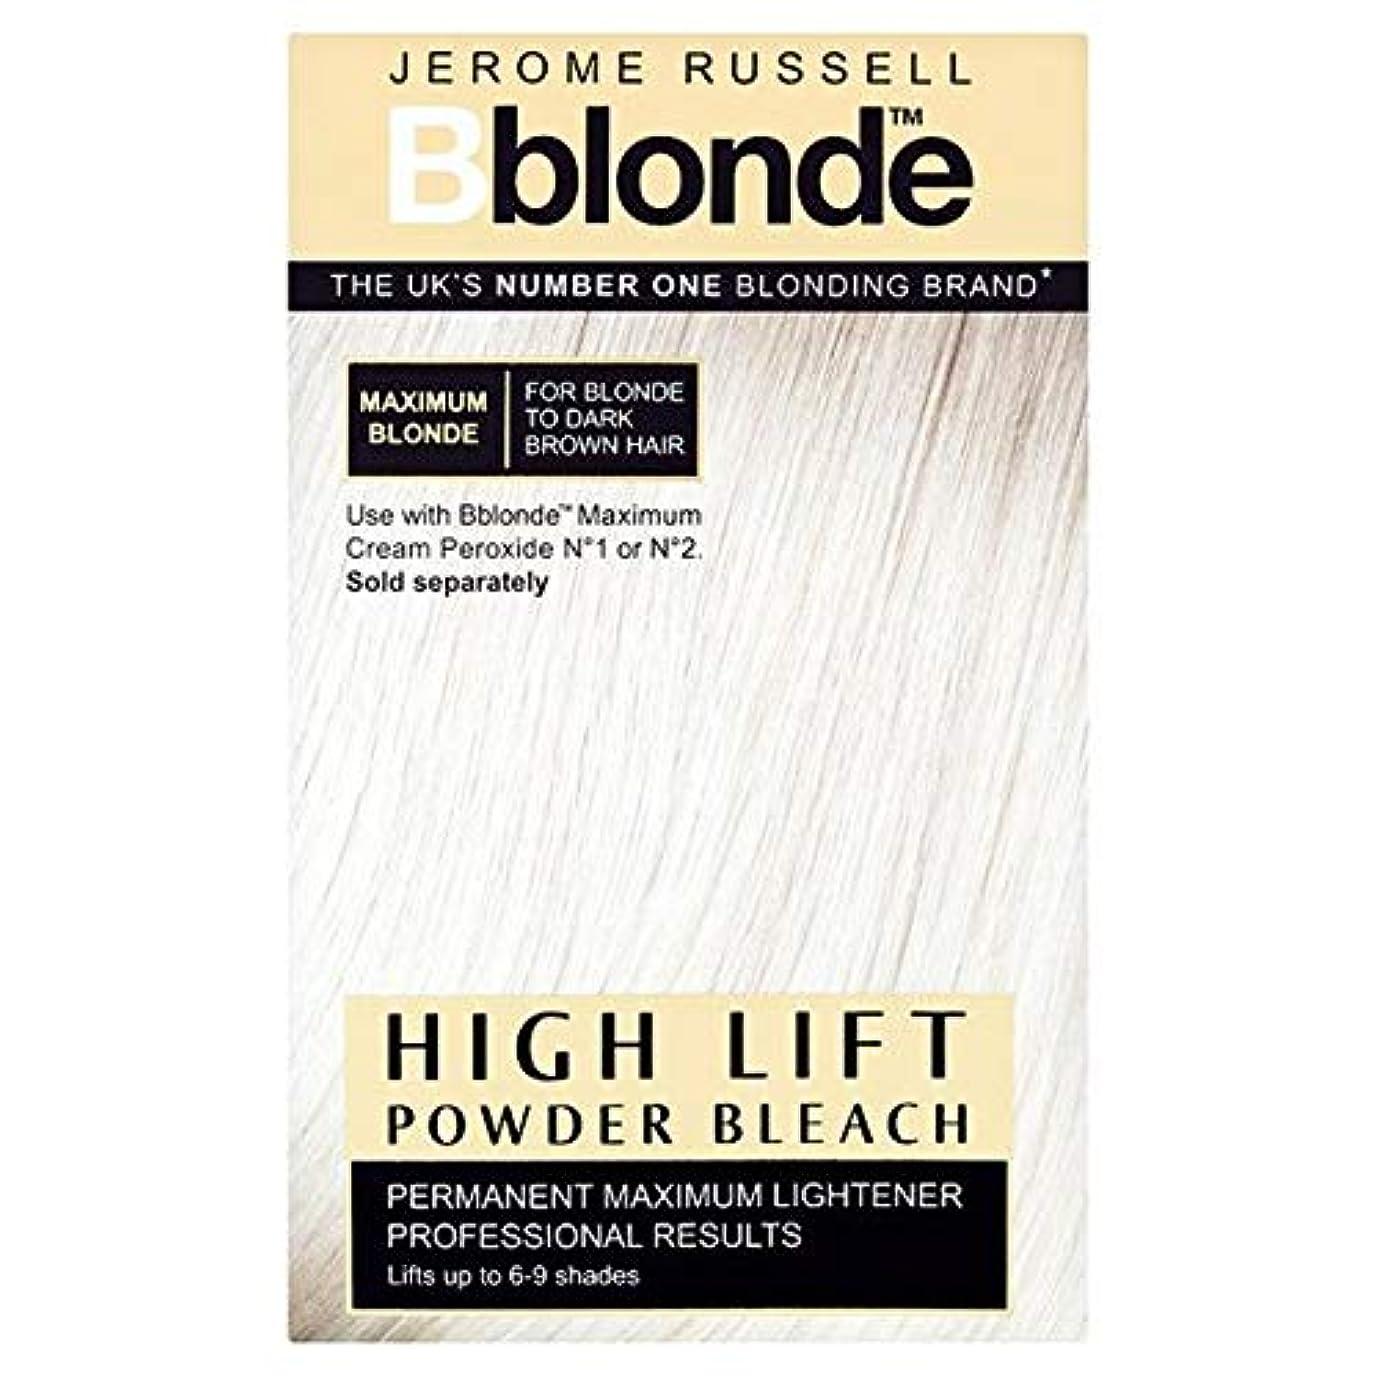 ナラーバー砂の有名な[Jerome Russell] ジェロームラッセルBブロンド高リフト粉末漂白剤 - Jerome Russell B Blonde High Lift Powder Bleach [並行輸入品]